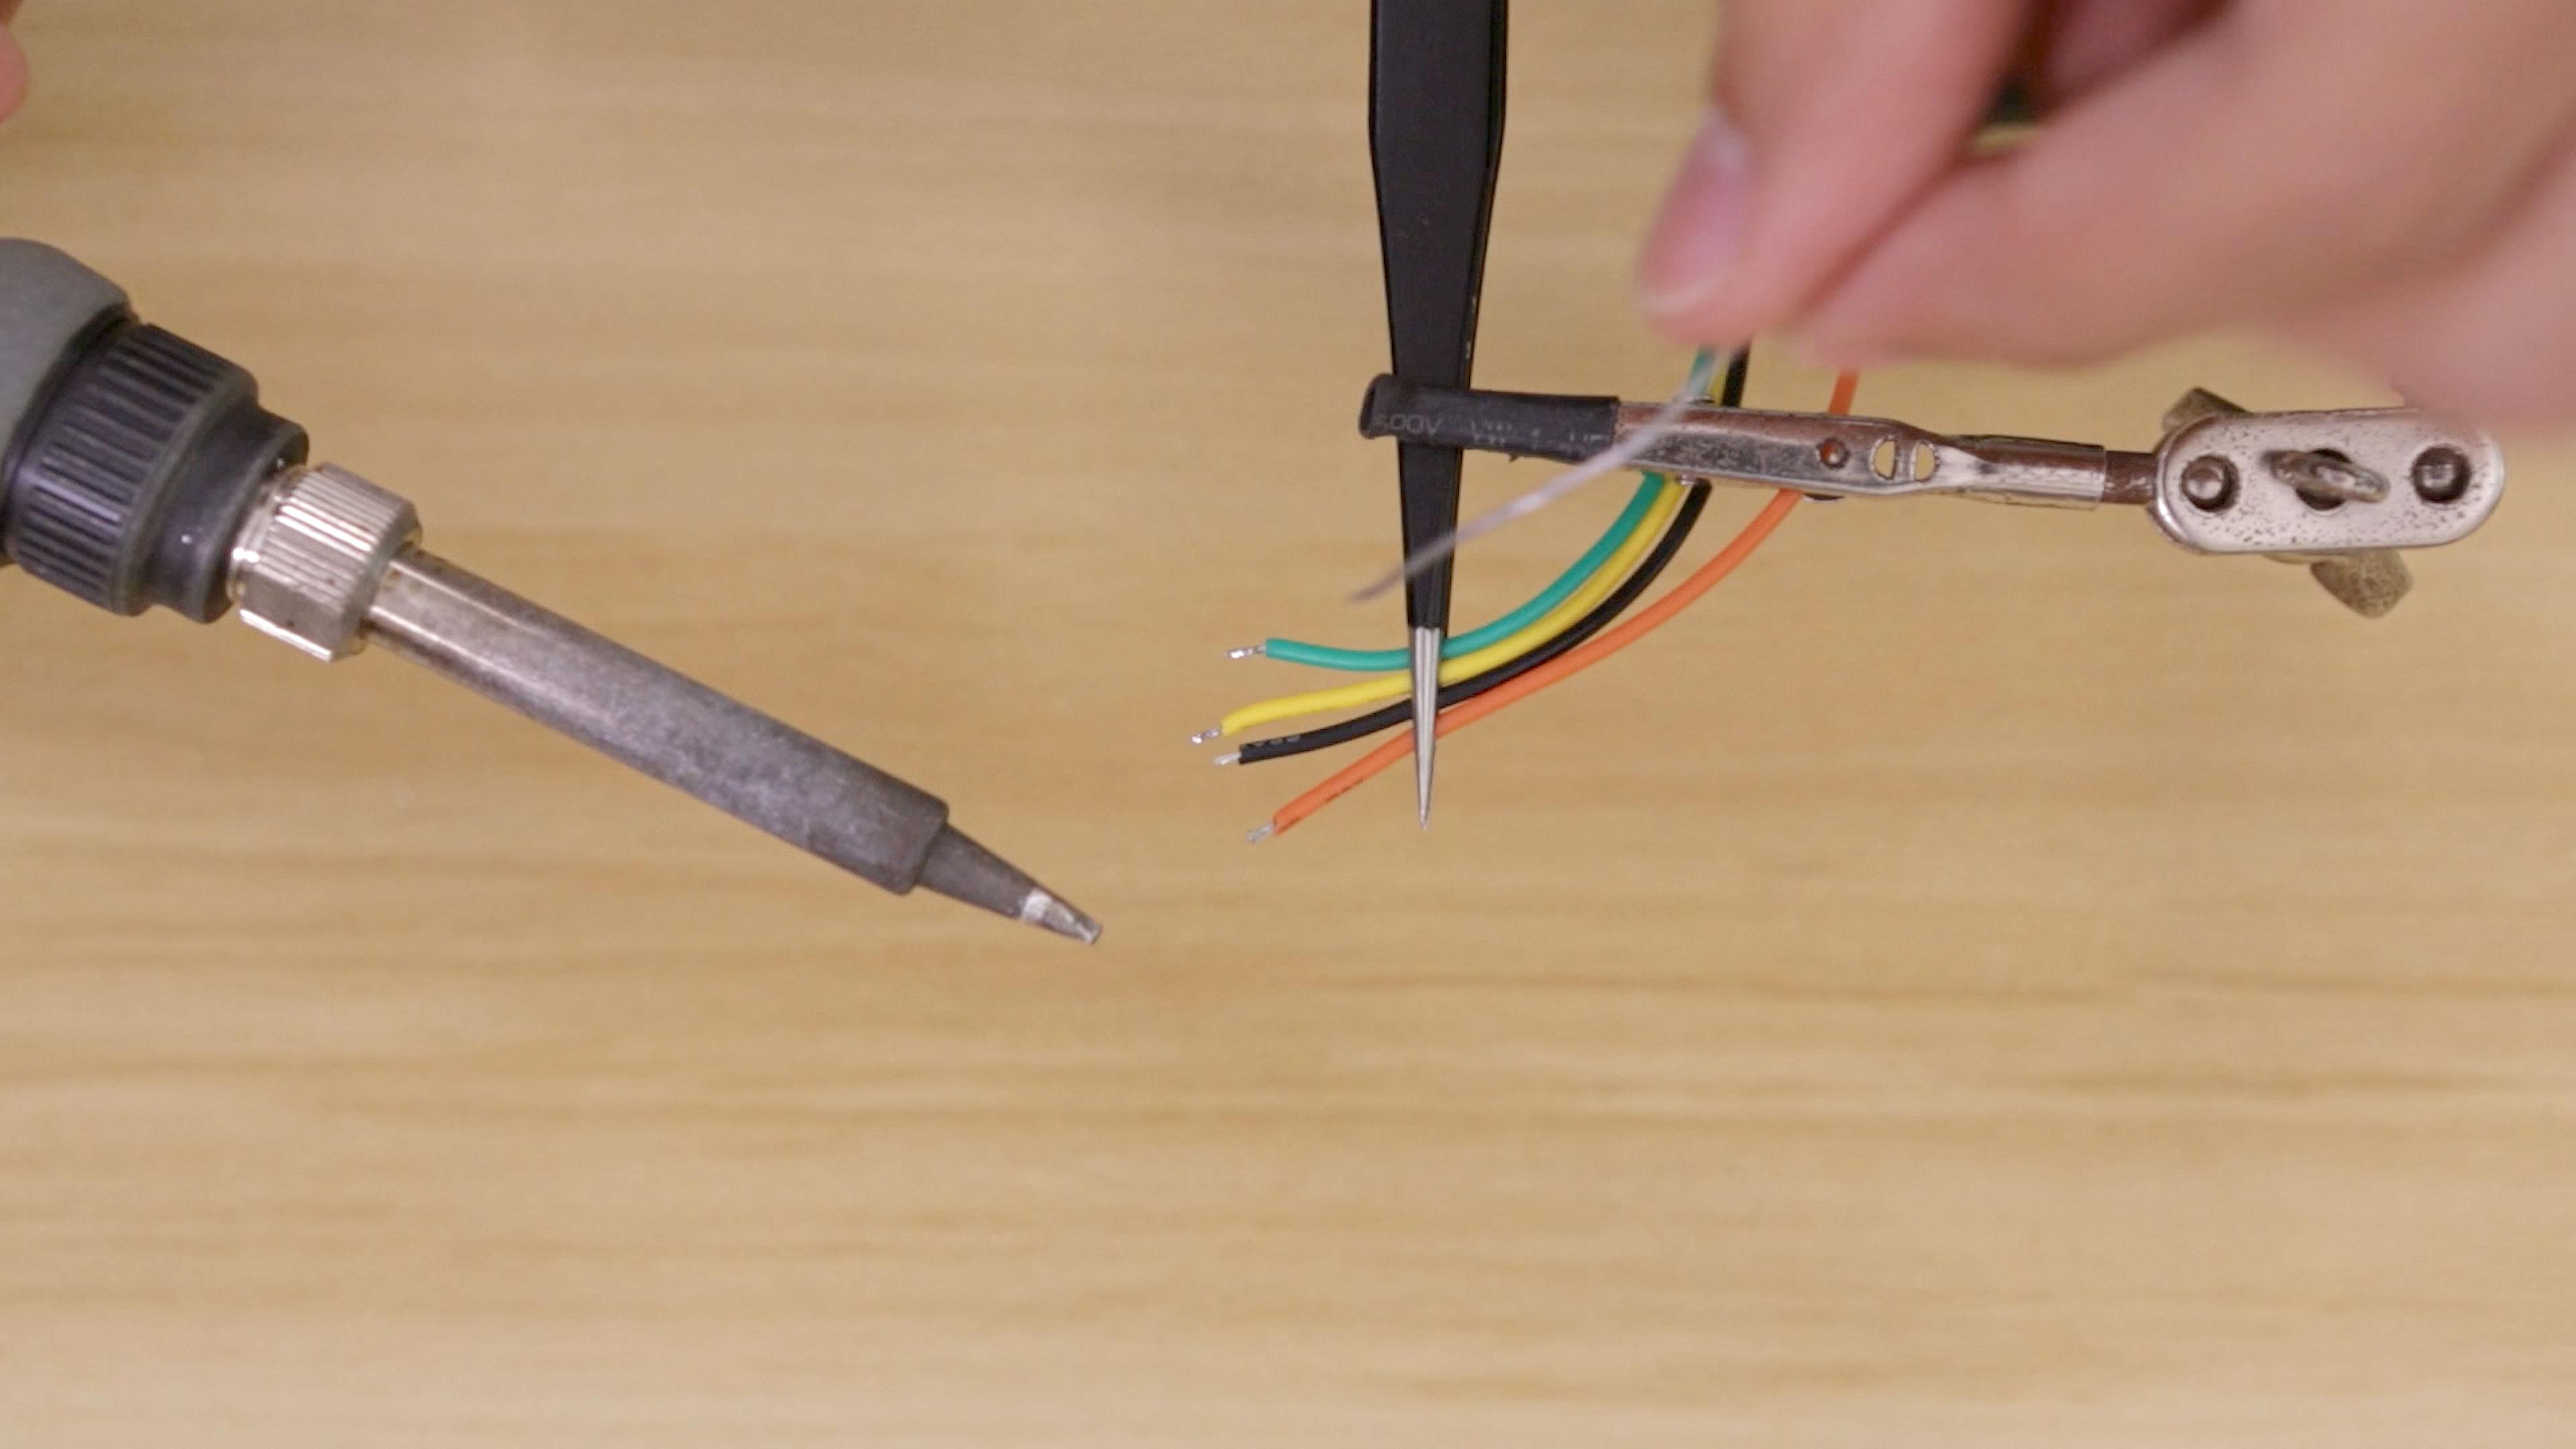 lcds___displays_wires-tin.jpg